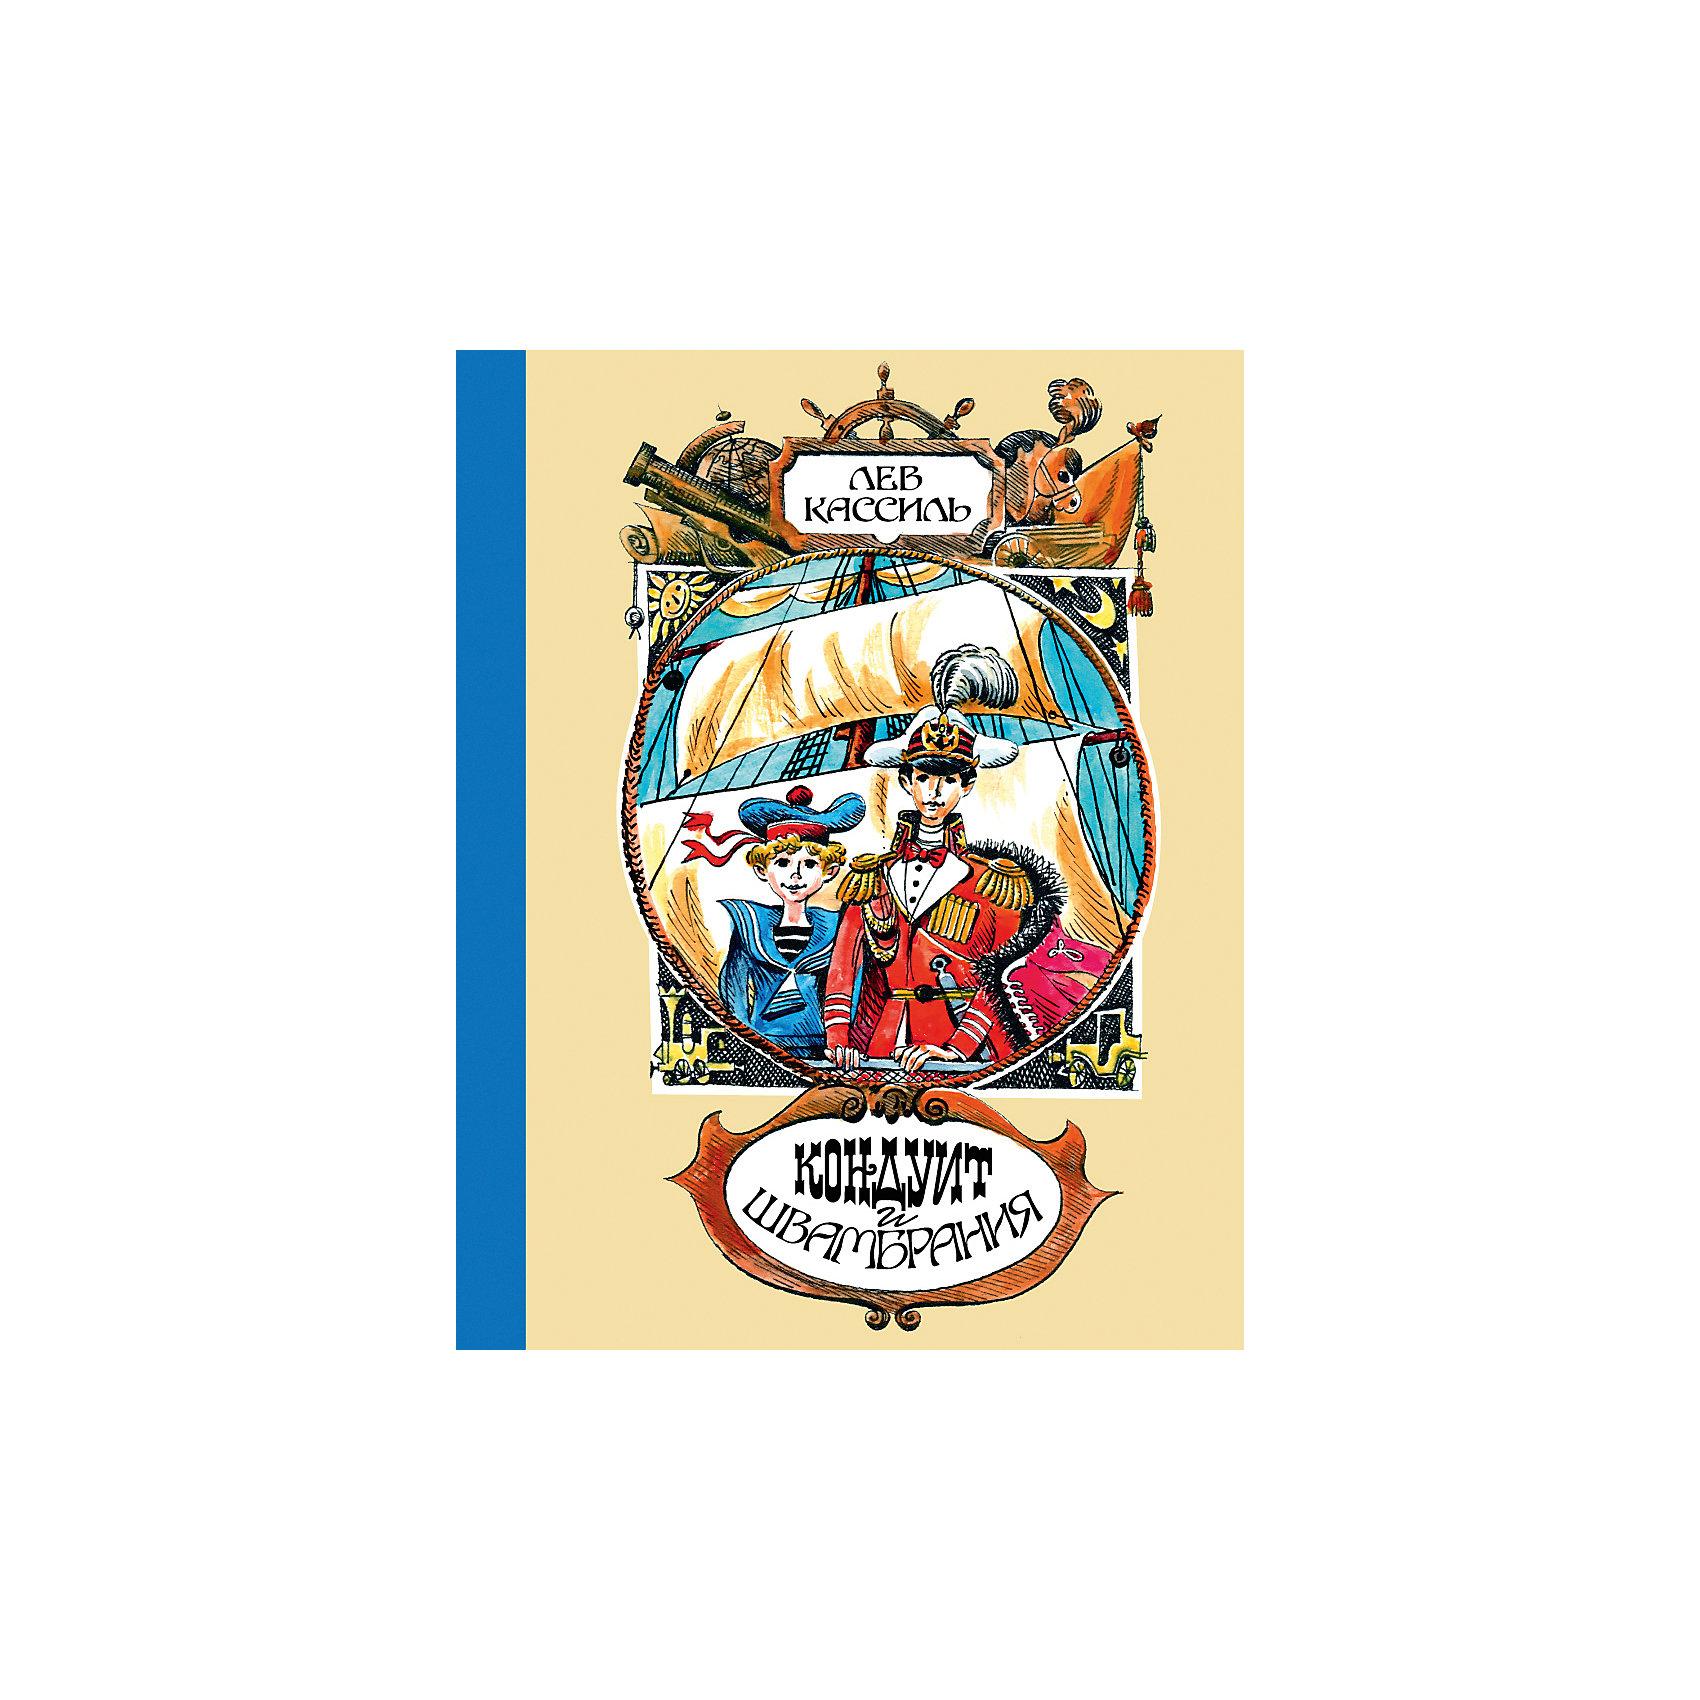 Кондуит и Швамбрания, Л.А. КассильРассказы и повести<br>Двое детей из докторской семьи из Покровска — Лёля и Оська придумывают воображаемую страну Швамбранию. Эта страна находится в Тихом океане и по размерам сравнима с Австралией. Швамбрания — настоящий рай для любителей приключений, отважных мореходов и исследователей, она воплощает все детские фантазии, там нет бедных и богатых, там не подают руки жадине и лжецу, там можно укрыться от докучливой гимназии и страшной книги под названием  «кондуит»… Но оказывается, войны и революции потрясают не только придуманные государства — настоящая жизнь со всеми ее трудностями однажды становится для юных швамбран важнее сказочной страны.<br>«Кондуит и Швамбрания» —   это потрясающая автобиографическая повесть советского писателя Льва Кассиля.<br>Это история двух мальчиков, взрослеющих на фоне грандиозных исторических событий — Первой мировой войны, свержения самодержавия и Октябрьской революции.<br>Яркие и остроумные образы персонажей «Кондуита и Швамбрании» не оставят ни одного ребенка равнодушным! <br><br>Дополнительная информация: <br><br>Автор: Лев Абрамович Кассиль;<br>Формат: 21х16,5см;<br>Переплет: твердый переплет;<br>Иллюстрации: цветные;<br>Страниц: 352;<br>Вес: 743 г.;<br>Производитель: Махаон, Россия.<br>Год выпуска: 2015;<br><br>Познавательную повесть Кондуит и Швамбрания не оставит равнодушным вашего ребенка!<br><br>ПовестьКондуит и Швамбрания можно купить в нашем магазине.<br><br>Ширина мм: 210<br>Глубина мм: 165<br>Высота мм: 29<br>Вес г: 743<br>Возраст от месяцев: 132<br>Возраст до месяцев: 168<br>Пол: Унисекс<br>Возраст: Детский<br>SKU: 4725966